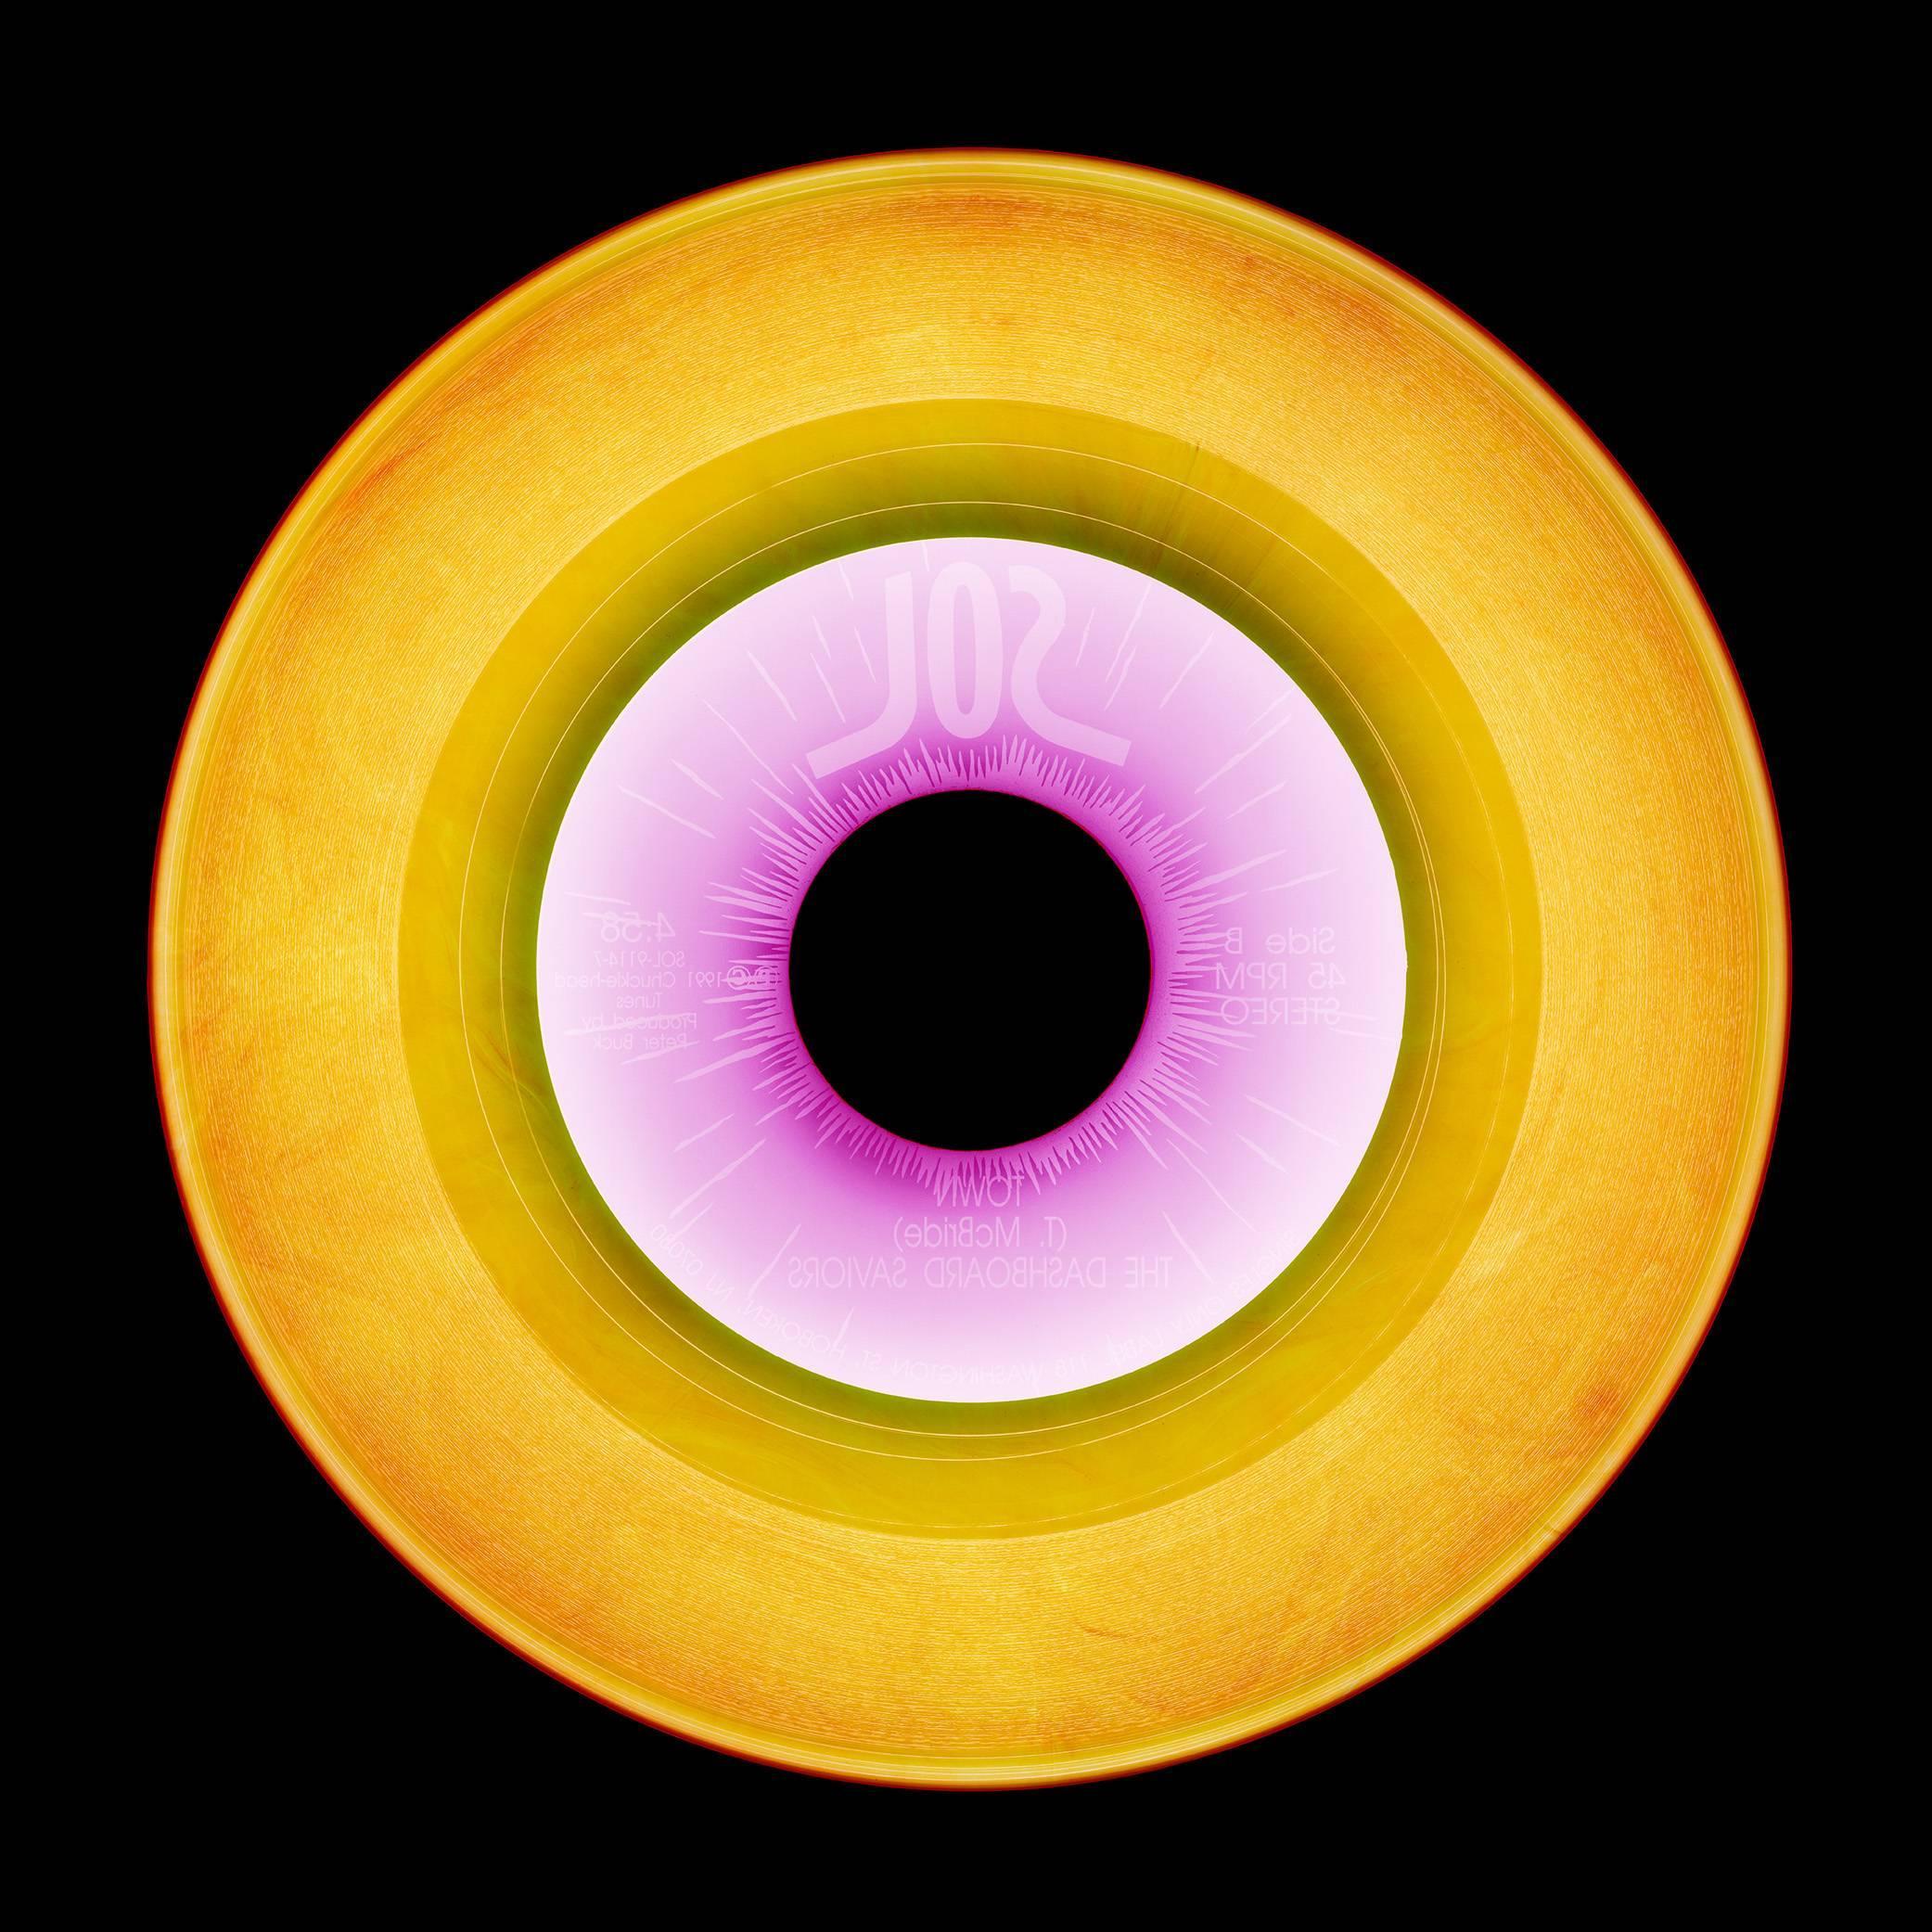 Vinyl Collection, B Side - Conceptual Pop Art Color Photography